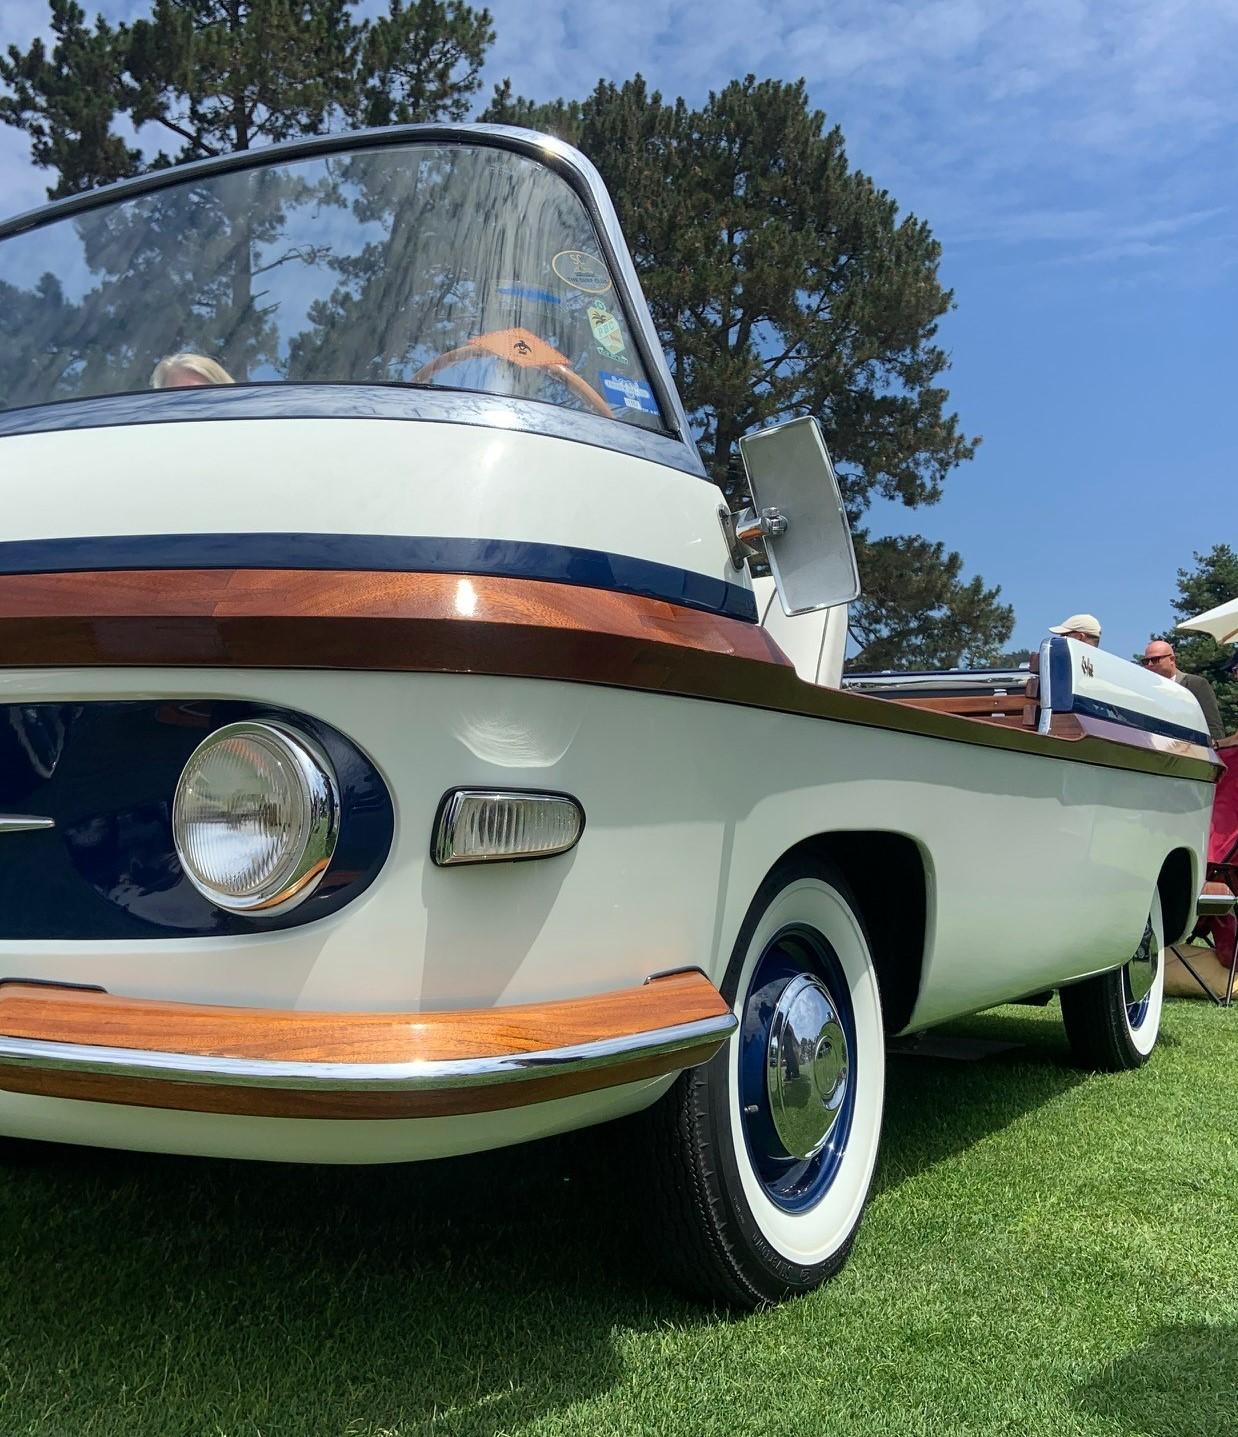 1957 Fiat 600 Eden Roc - low closeup of drivers side